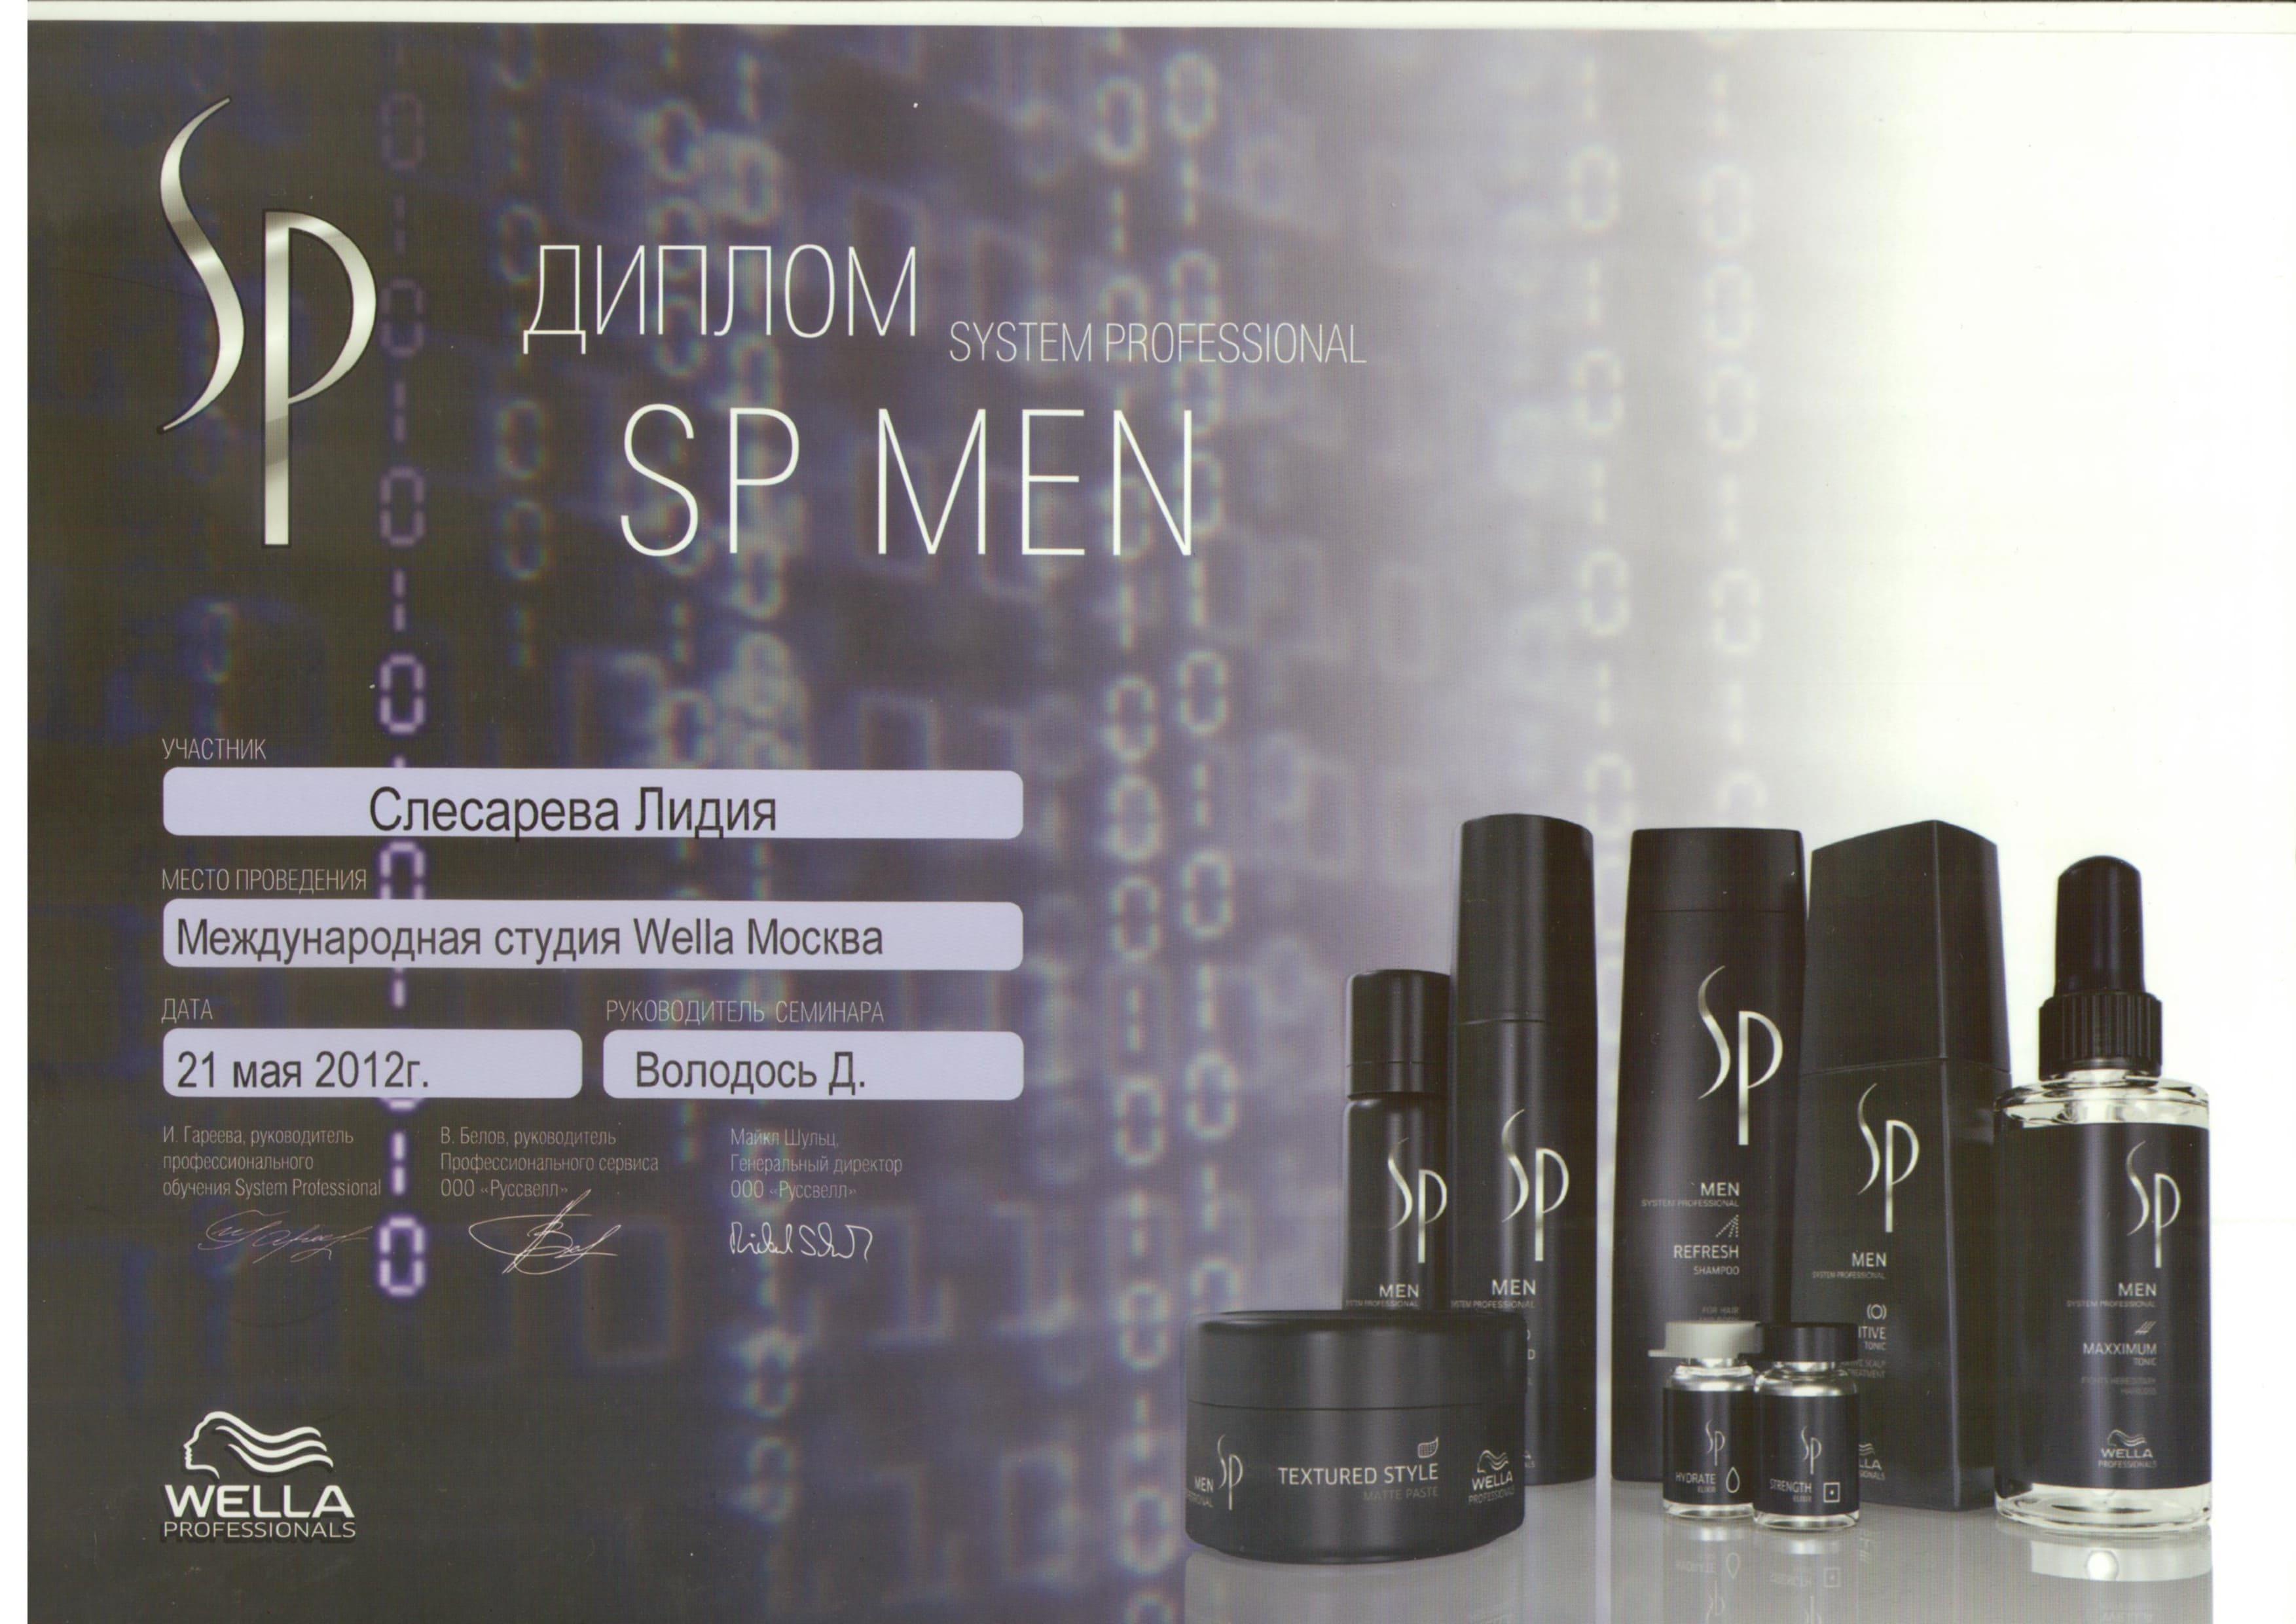 2012 sp men